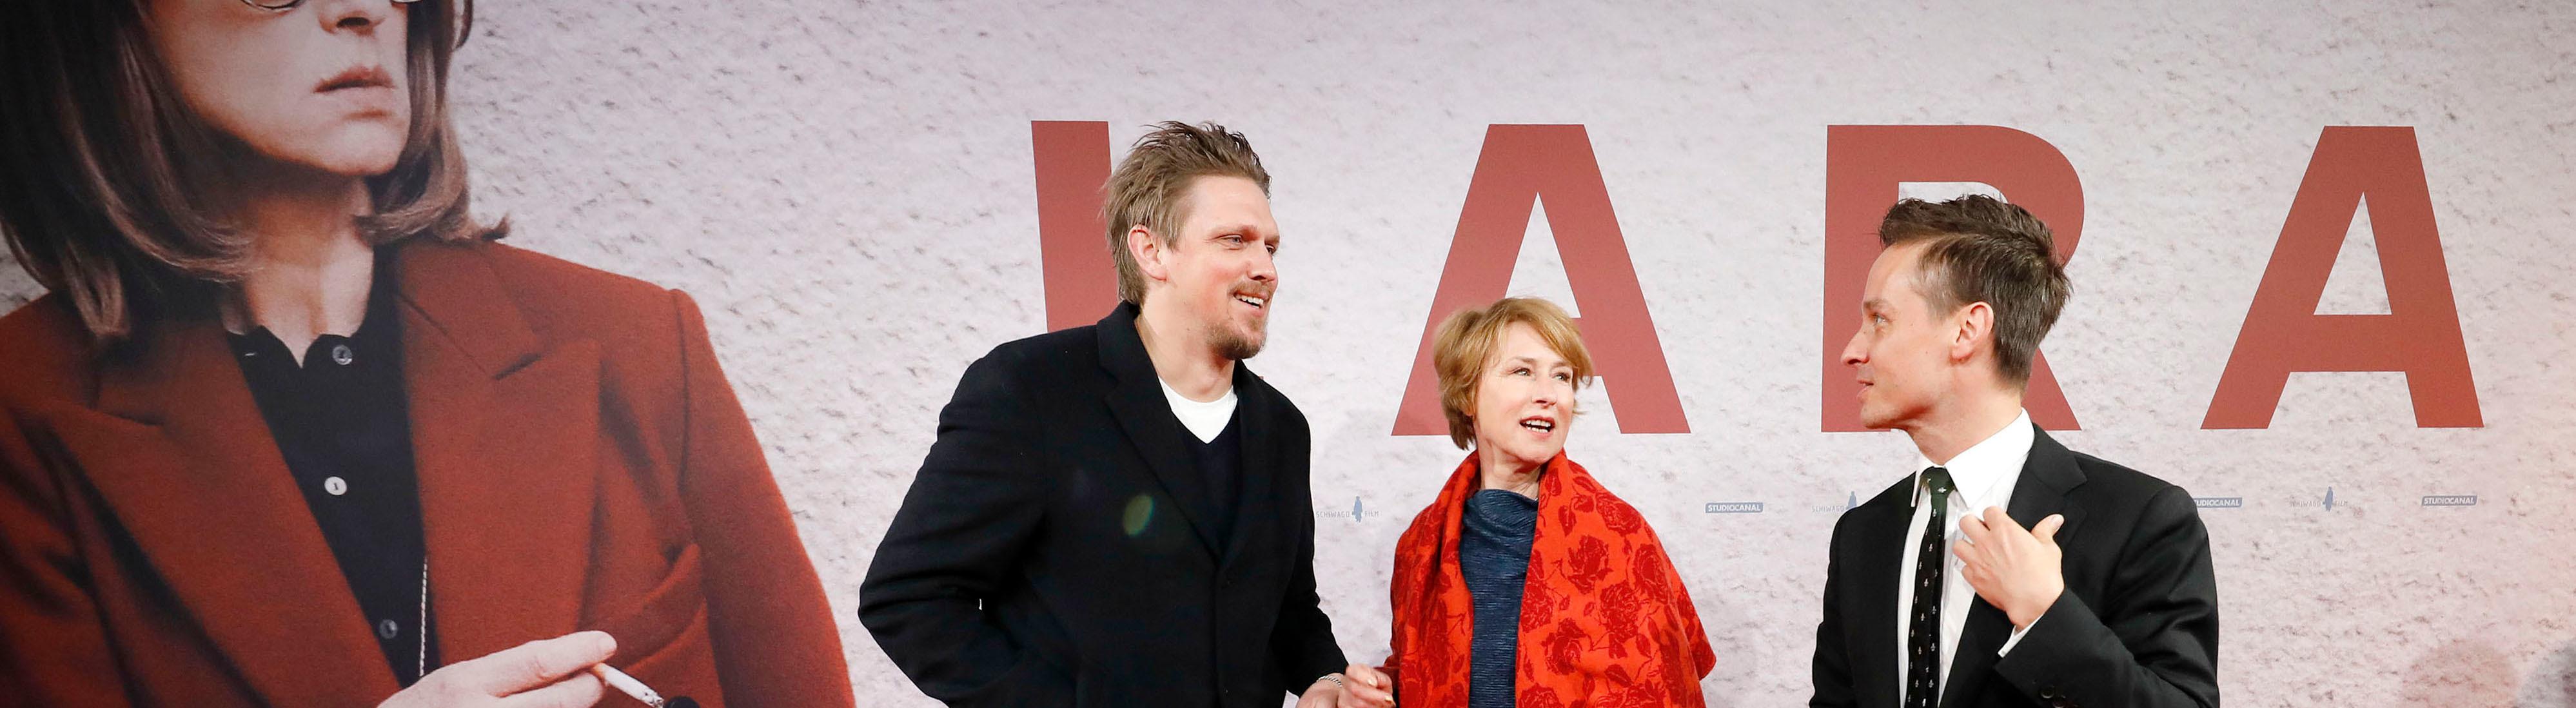 Jan-Ole Gerster, Corinna Harfouch und Tom Schilling bei der Premiere von Lara im Berliner Delphi-Theater.